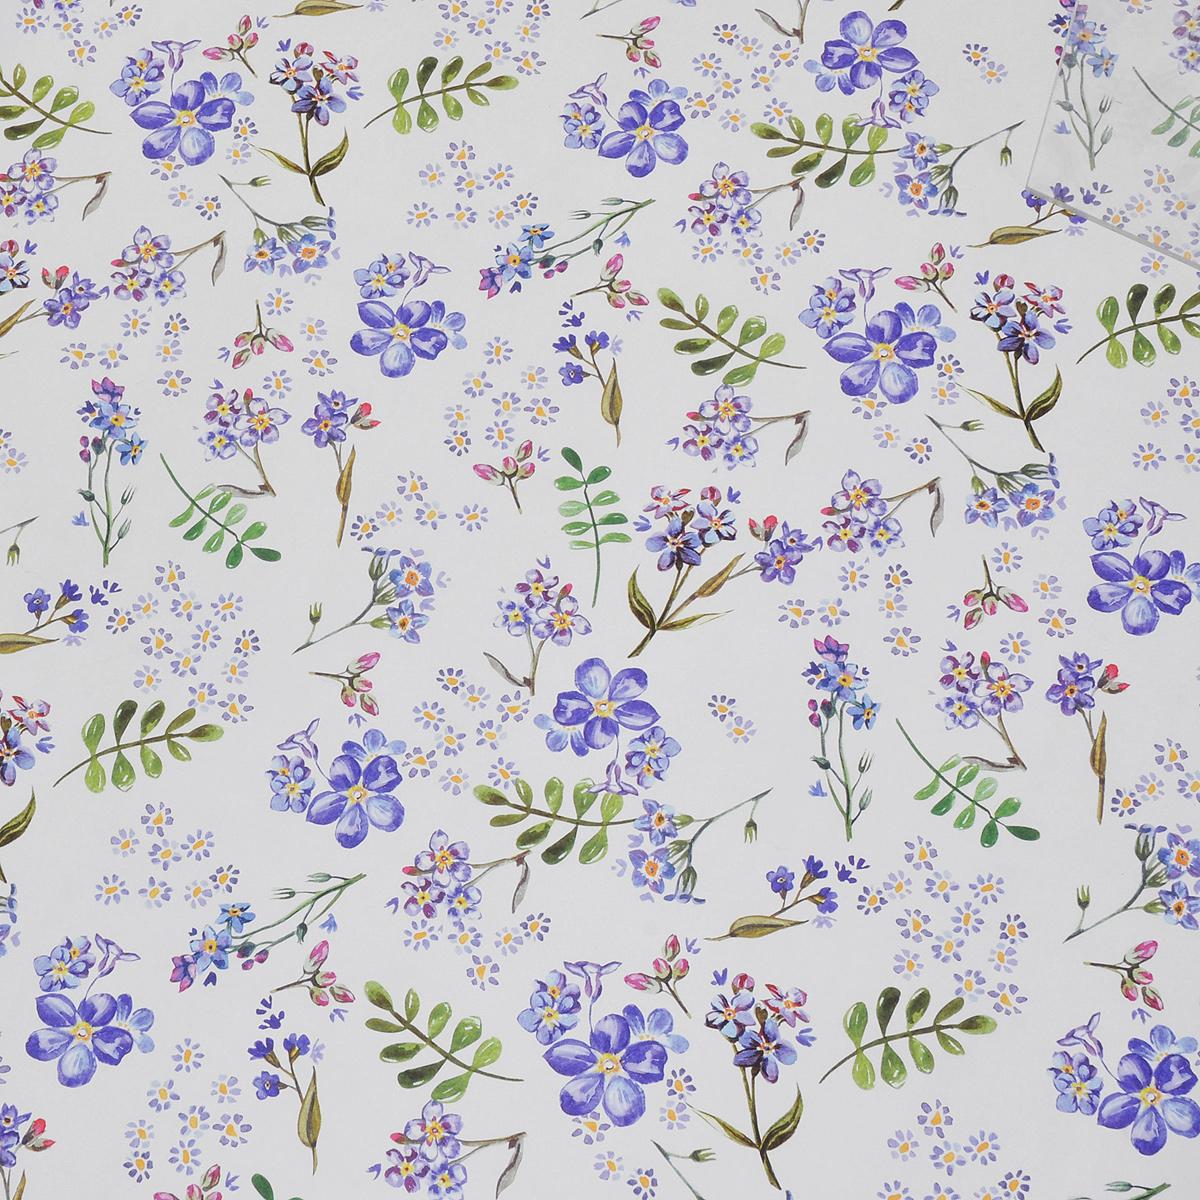 Бумага упаковочная Голубые цветы, 100 см х 70 см39504Даже небольшой подарок, будучи красиво упакованным, может зажечь фантазию получателя и подарить немало ярких впечатлений еще до того, как он развернет ее. С помощью упаковочной бумаги Голубые цветы вы сможете создать восхитительную эксклюзивную упаковку для подарков родным и близким. Мелованная с одной стороны бумага оформлена изображением цветов. Длина бумаги: 100 см. Ширина бумаги: 70 см. Плотность: 80 г/м2.